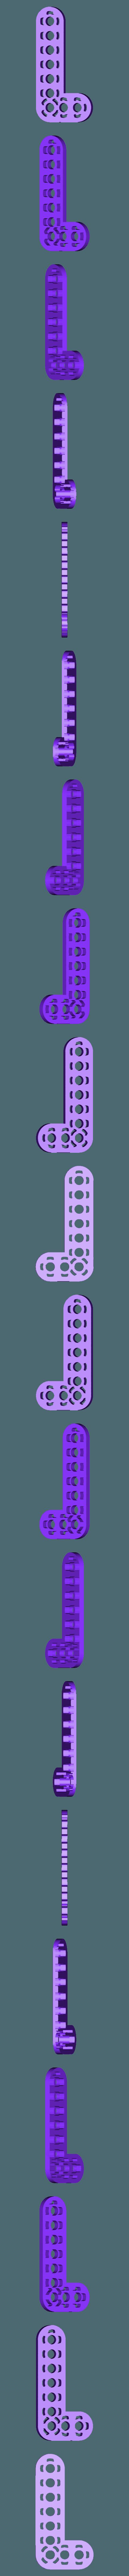 L_3_7.STL Télécharger fichier STL gratuit MEGA Expansion 200+ Pièces • Plan à imprimer en 3D, Pwentey